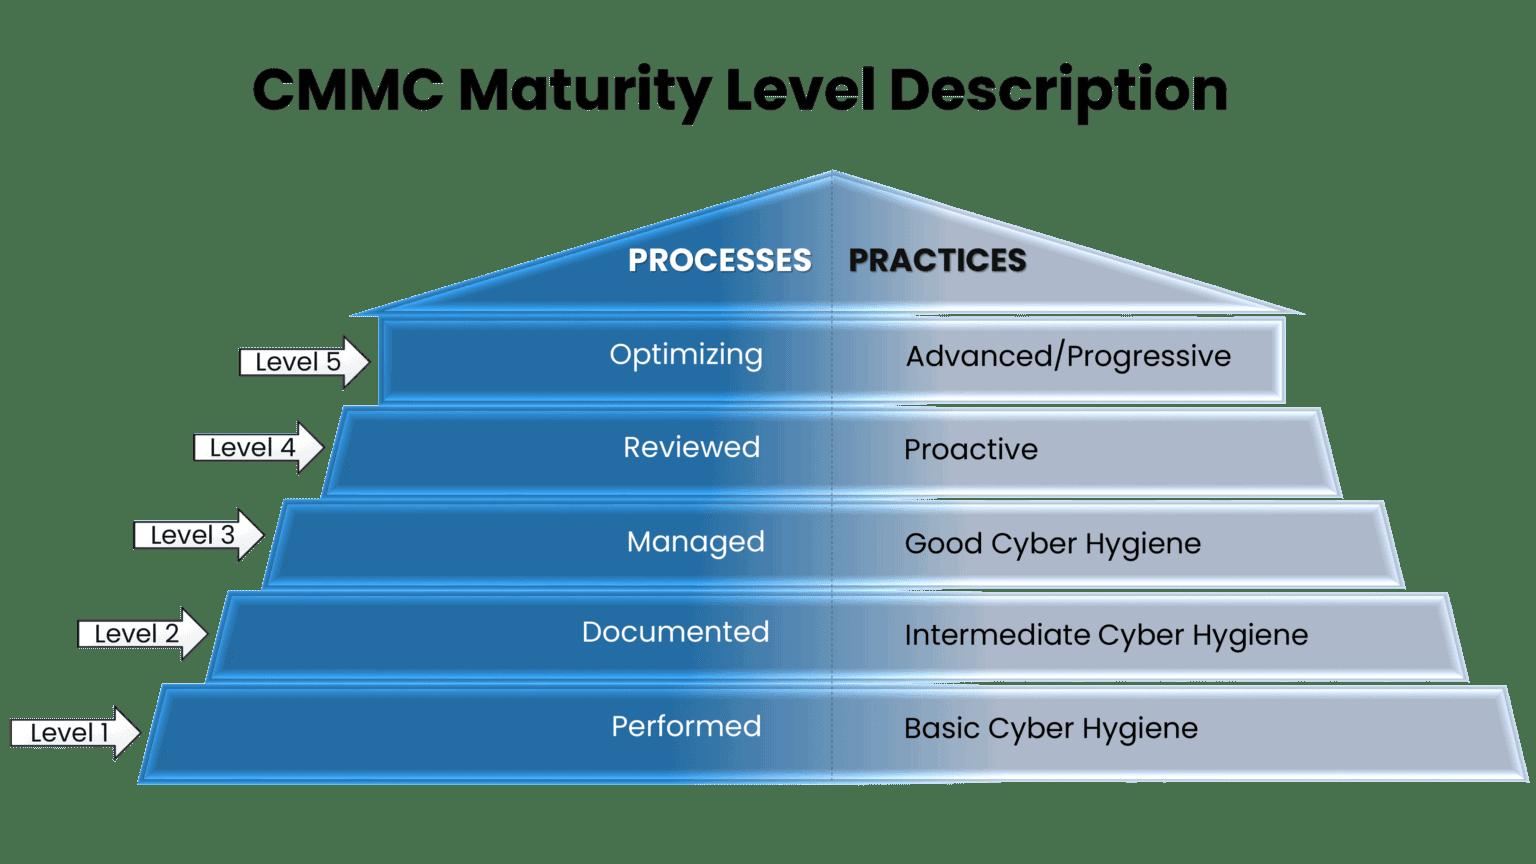 Description of CMMC